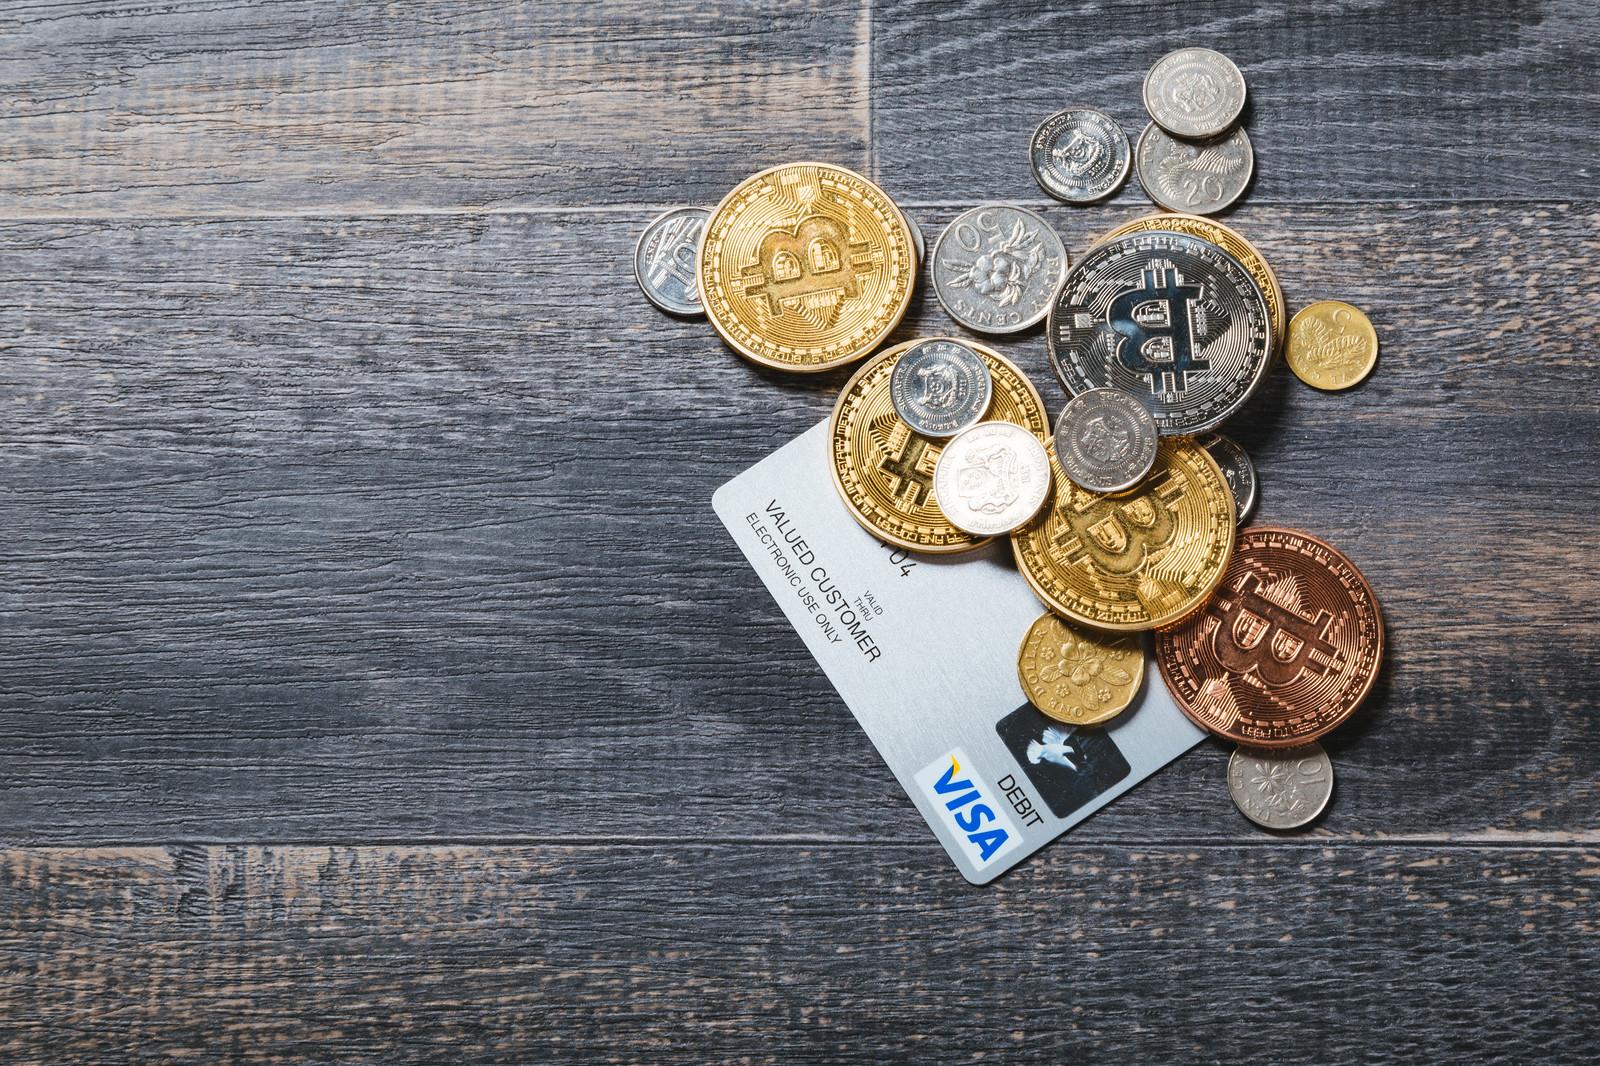 お得なdカードって持ってる?|dカードについて徹底解説!